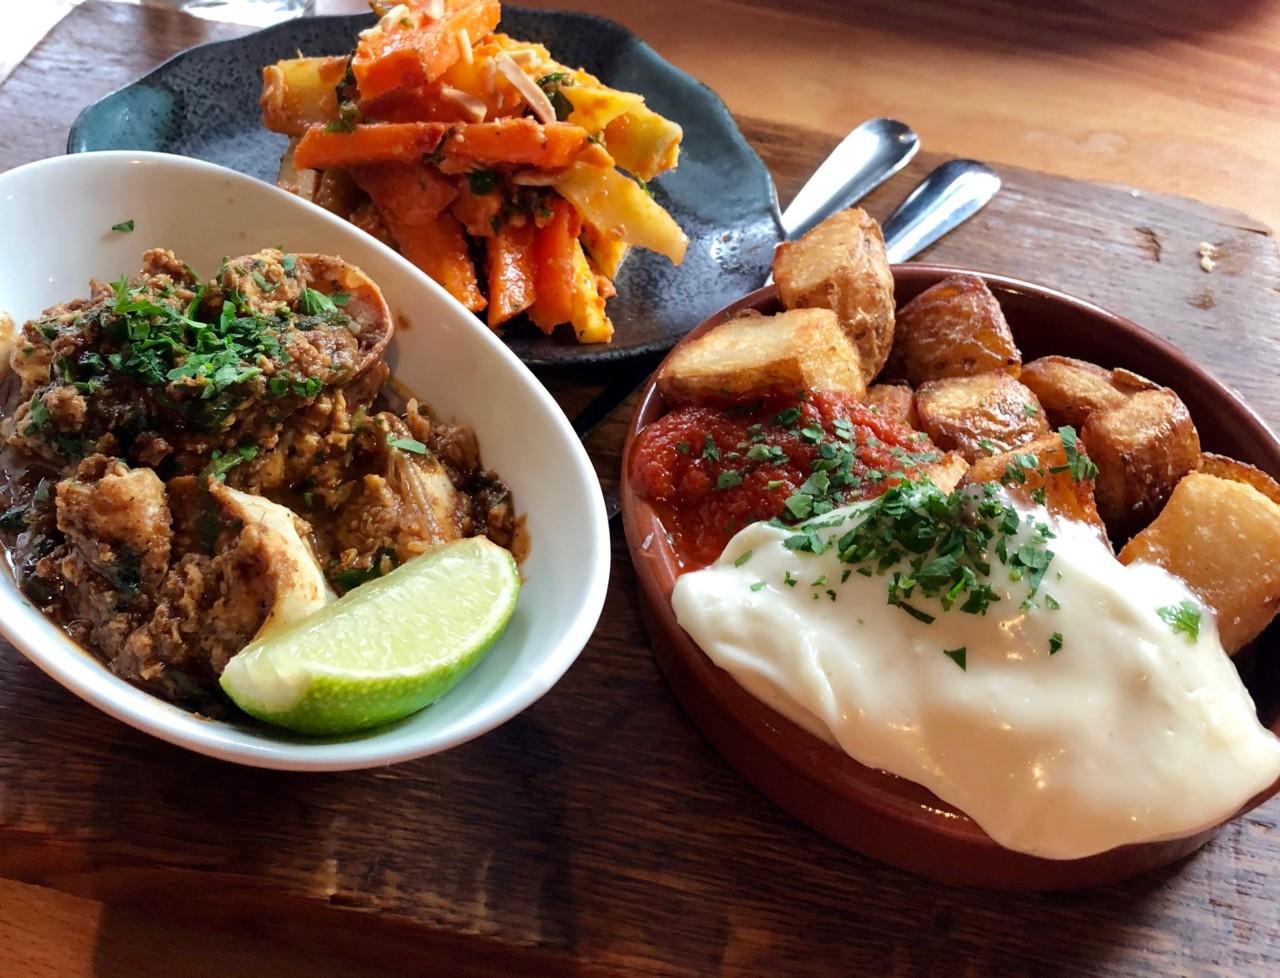 delicatessen-patatas-bravas-tapas-comfort-food